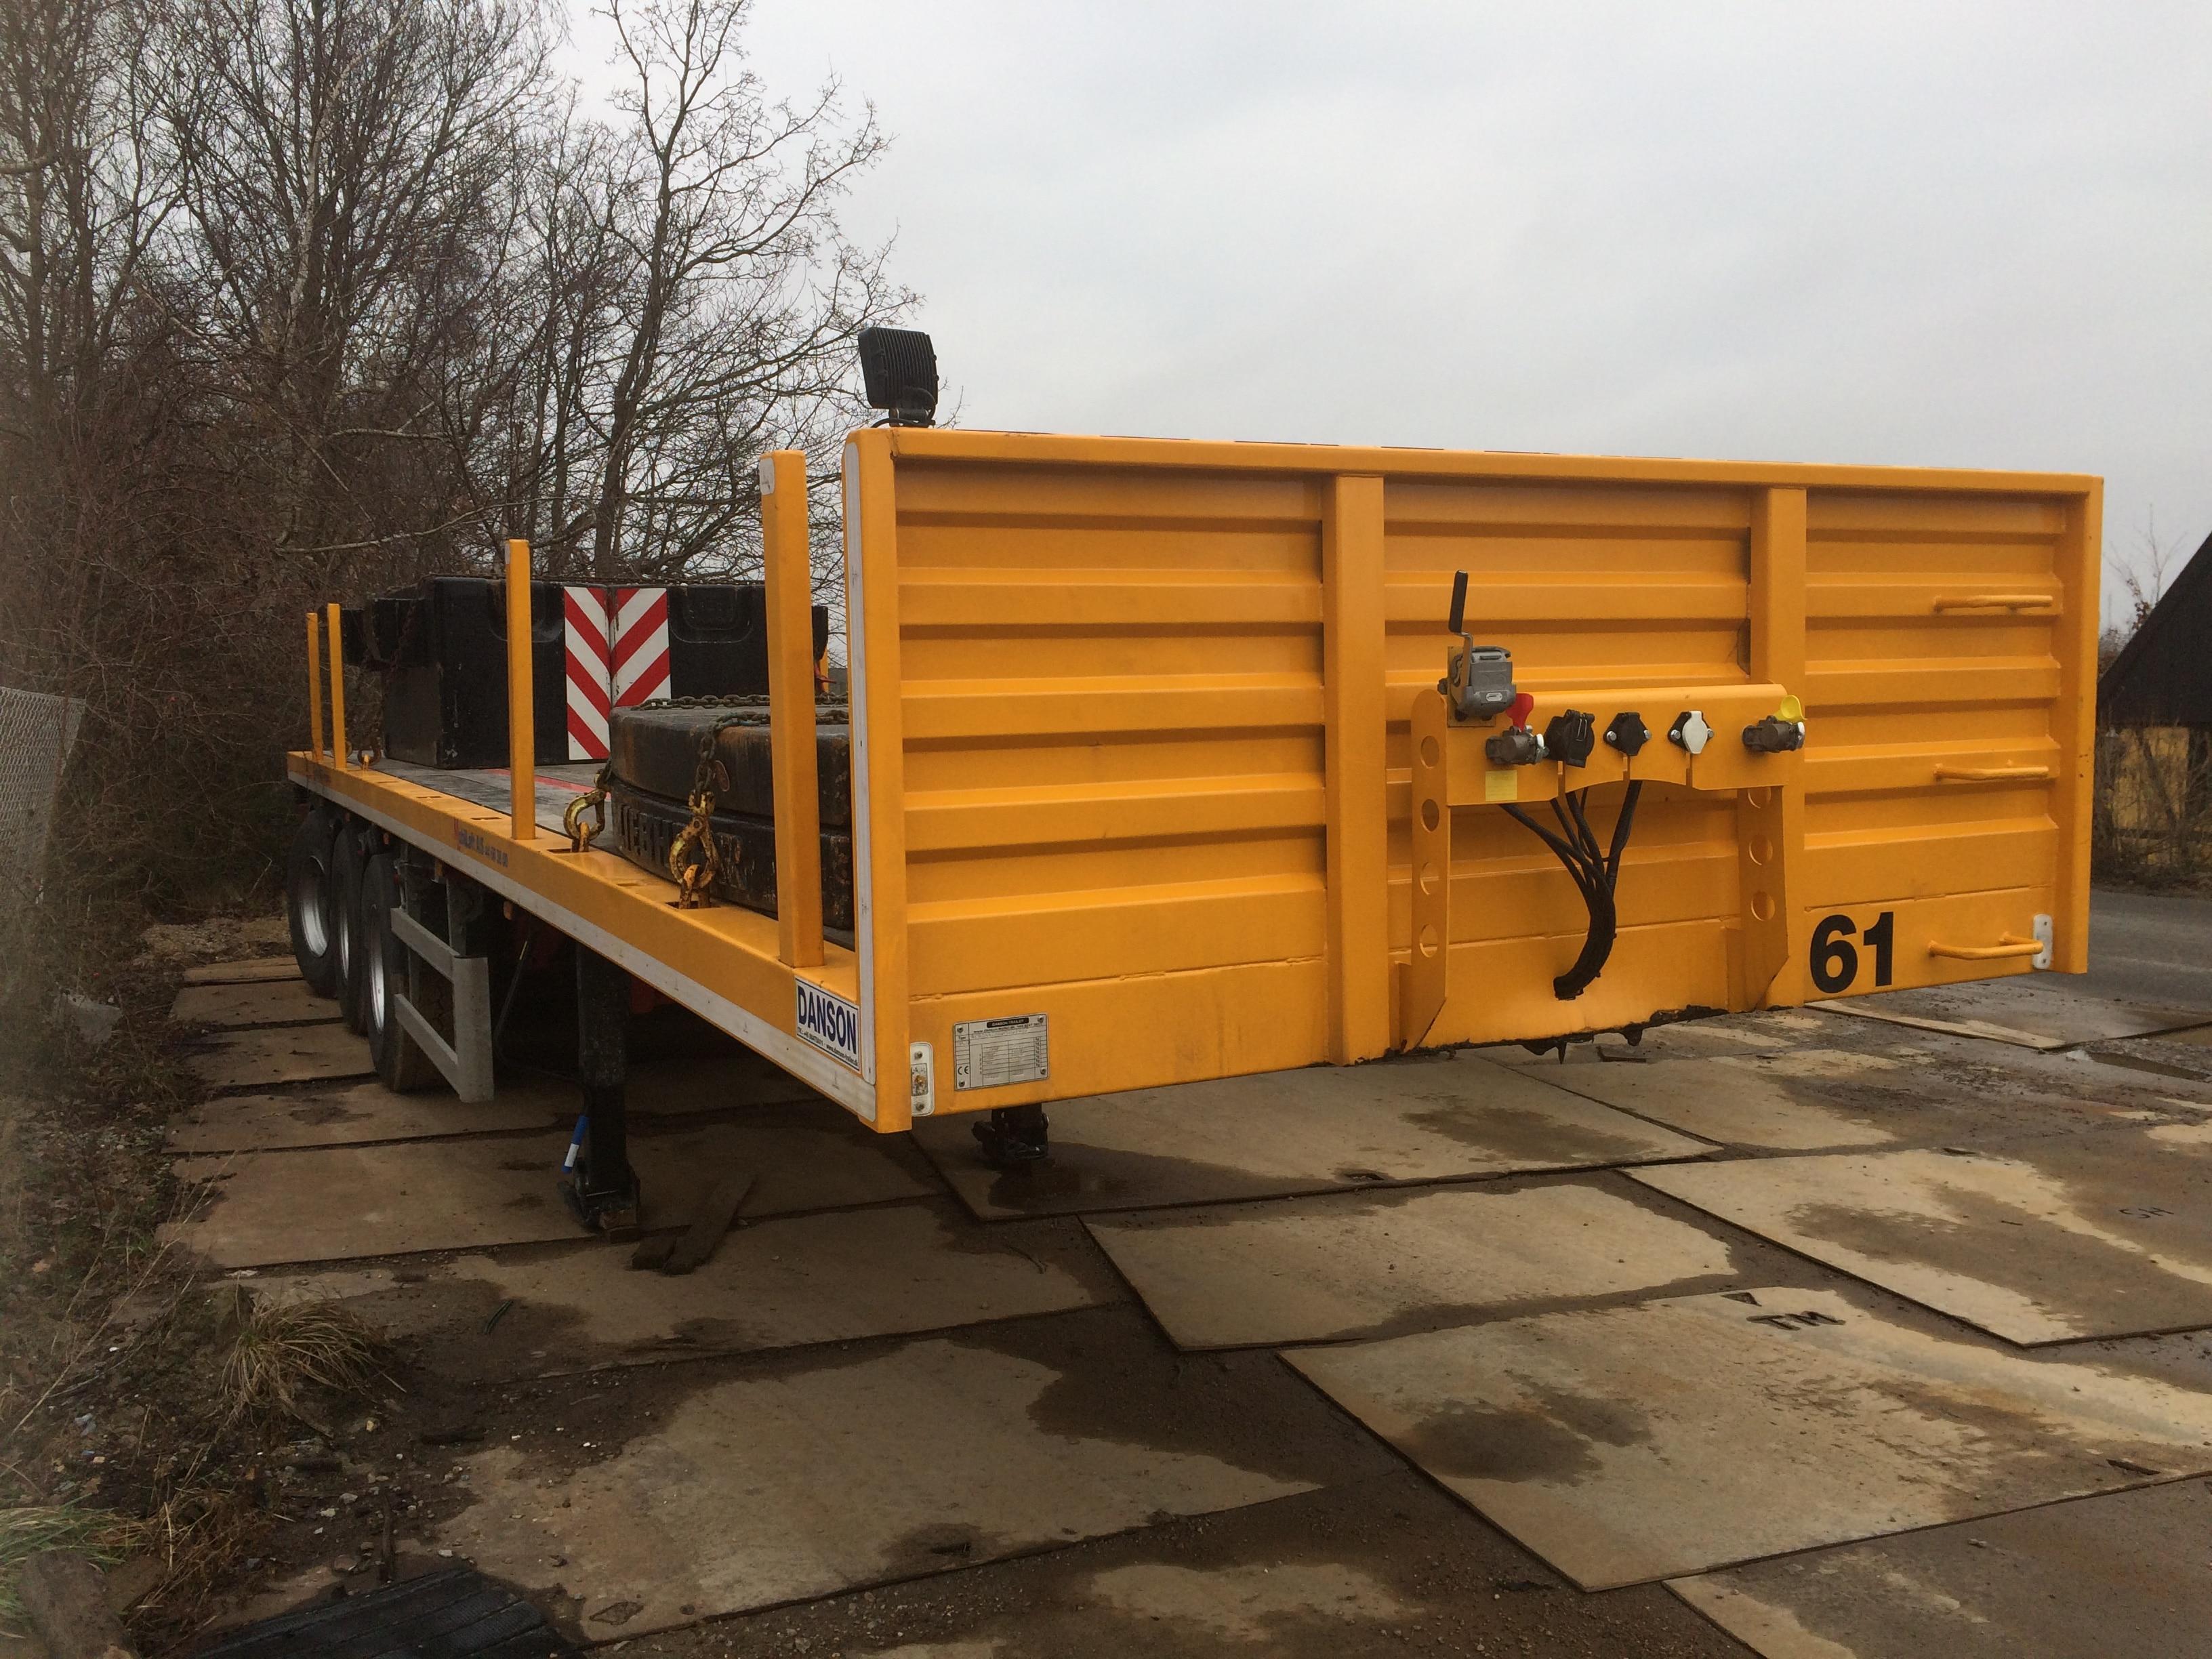 3-aks.-blokvognstrailer-med-32tons-ballast-lad-61